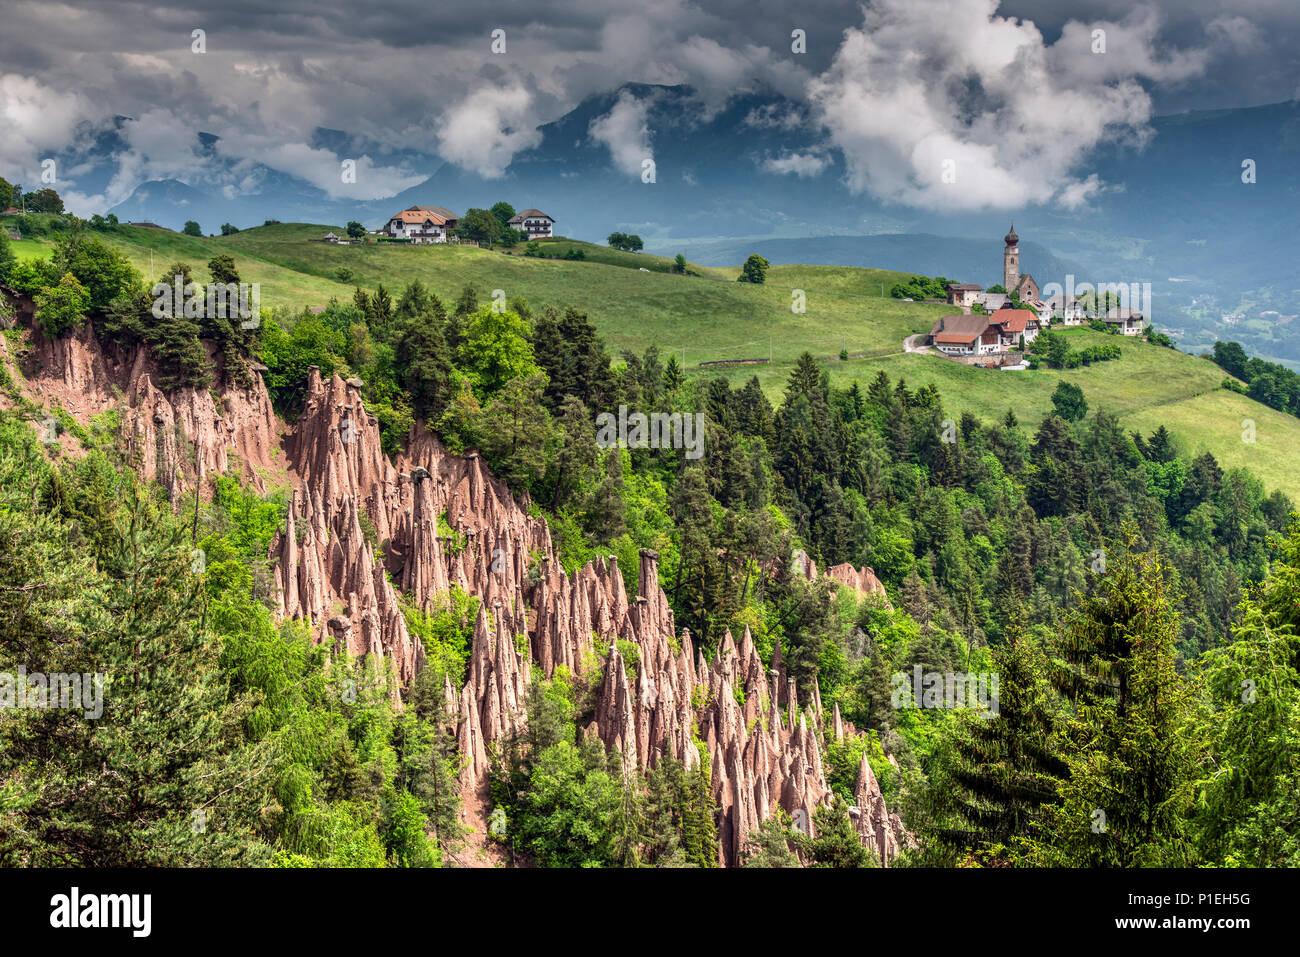 Erdpyramiden, Ritten - Ritten, Trentino Alto Adige - Südtirol, Italien Stockfoto